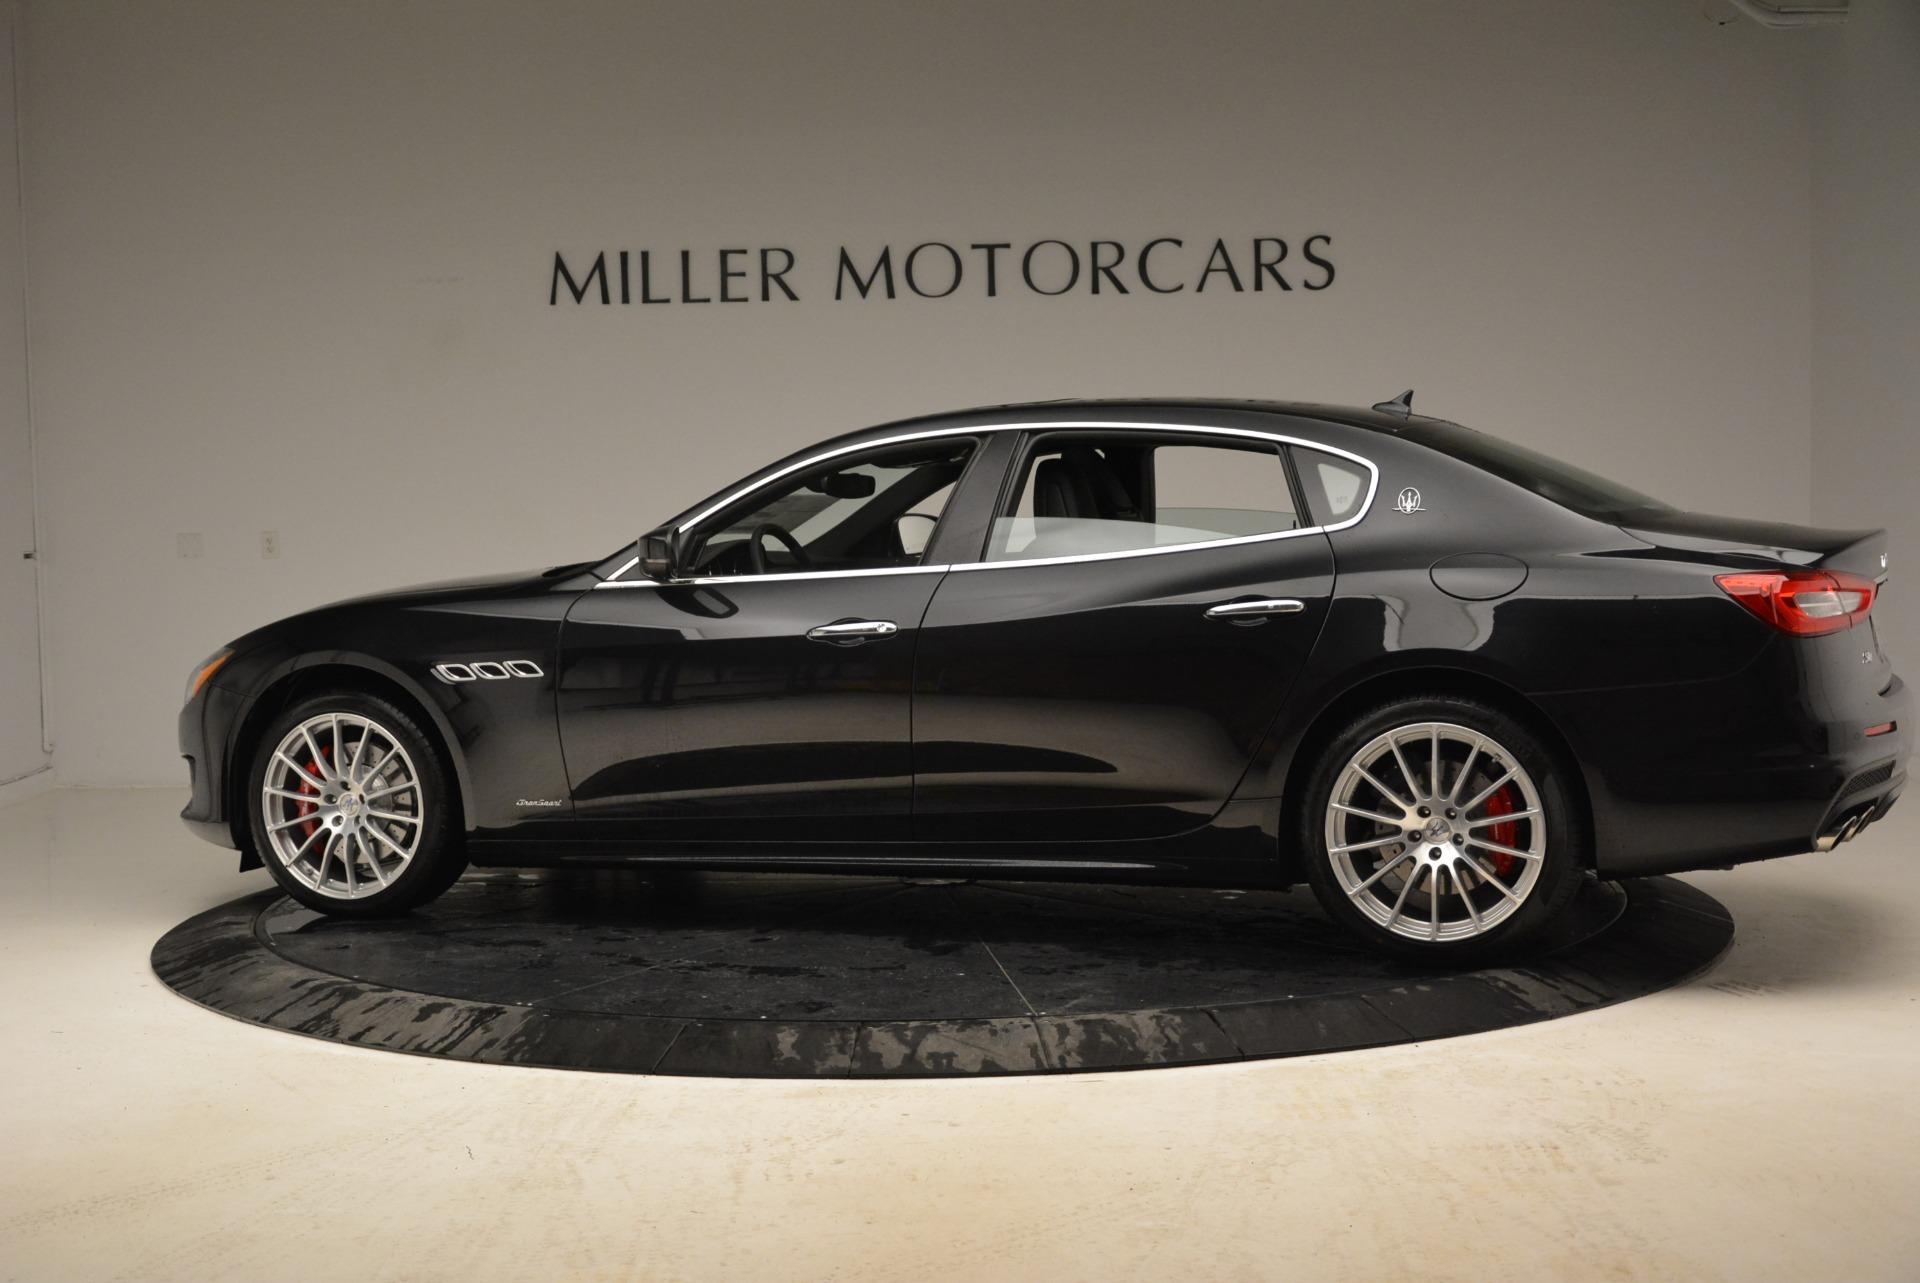 New 2018 Maserati Quattroporte S Q4 Gransport For Sale In Westport, CT 1943_p6